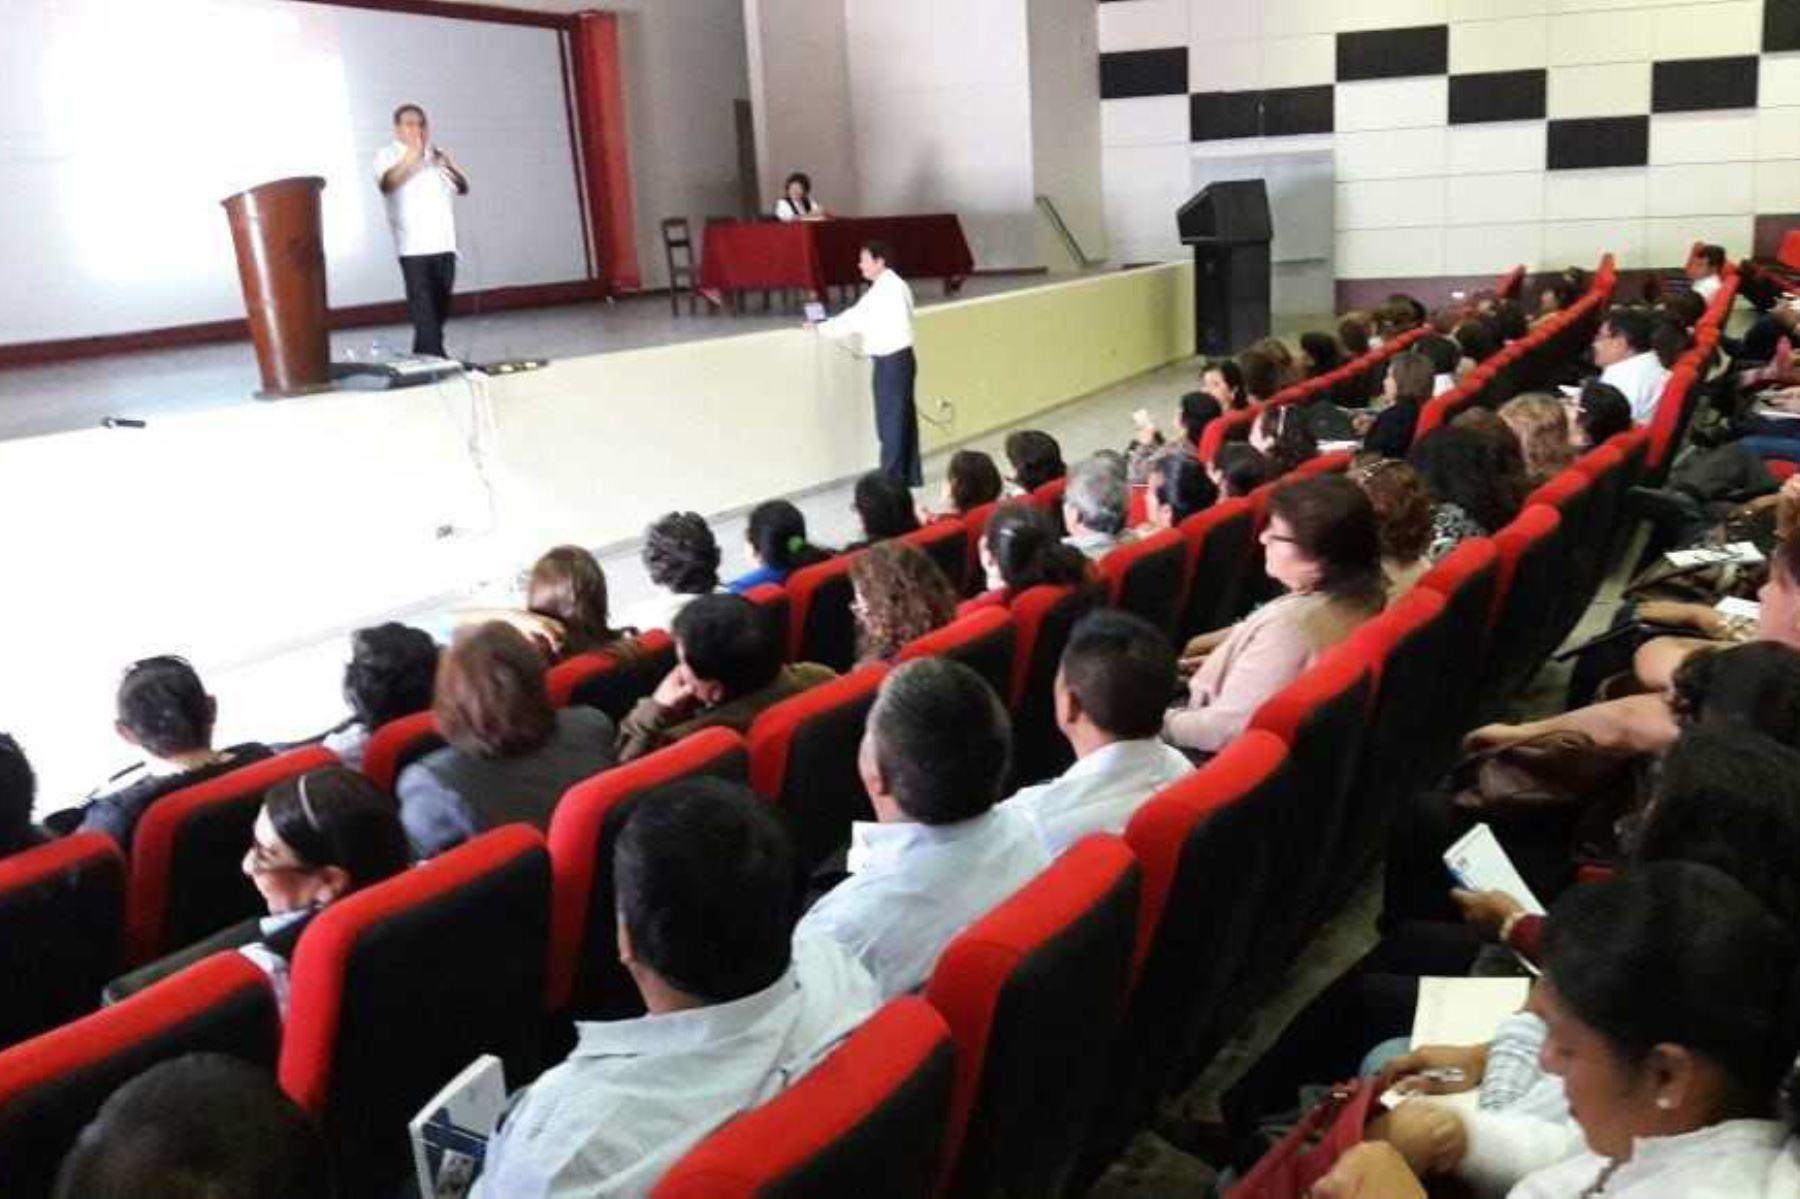 La Unidad de Gestión Educativa Local (Ugel) de Chiclayo inició una serie de acciones de prevención del síndrome de Guillain Barré en la comunidad educativa de su jurisdicción.